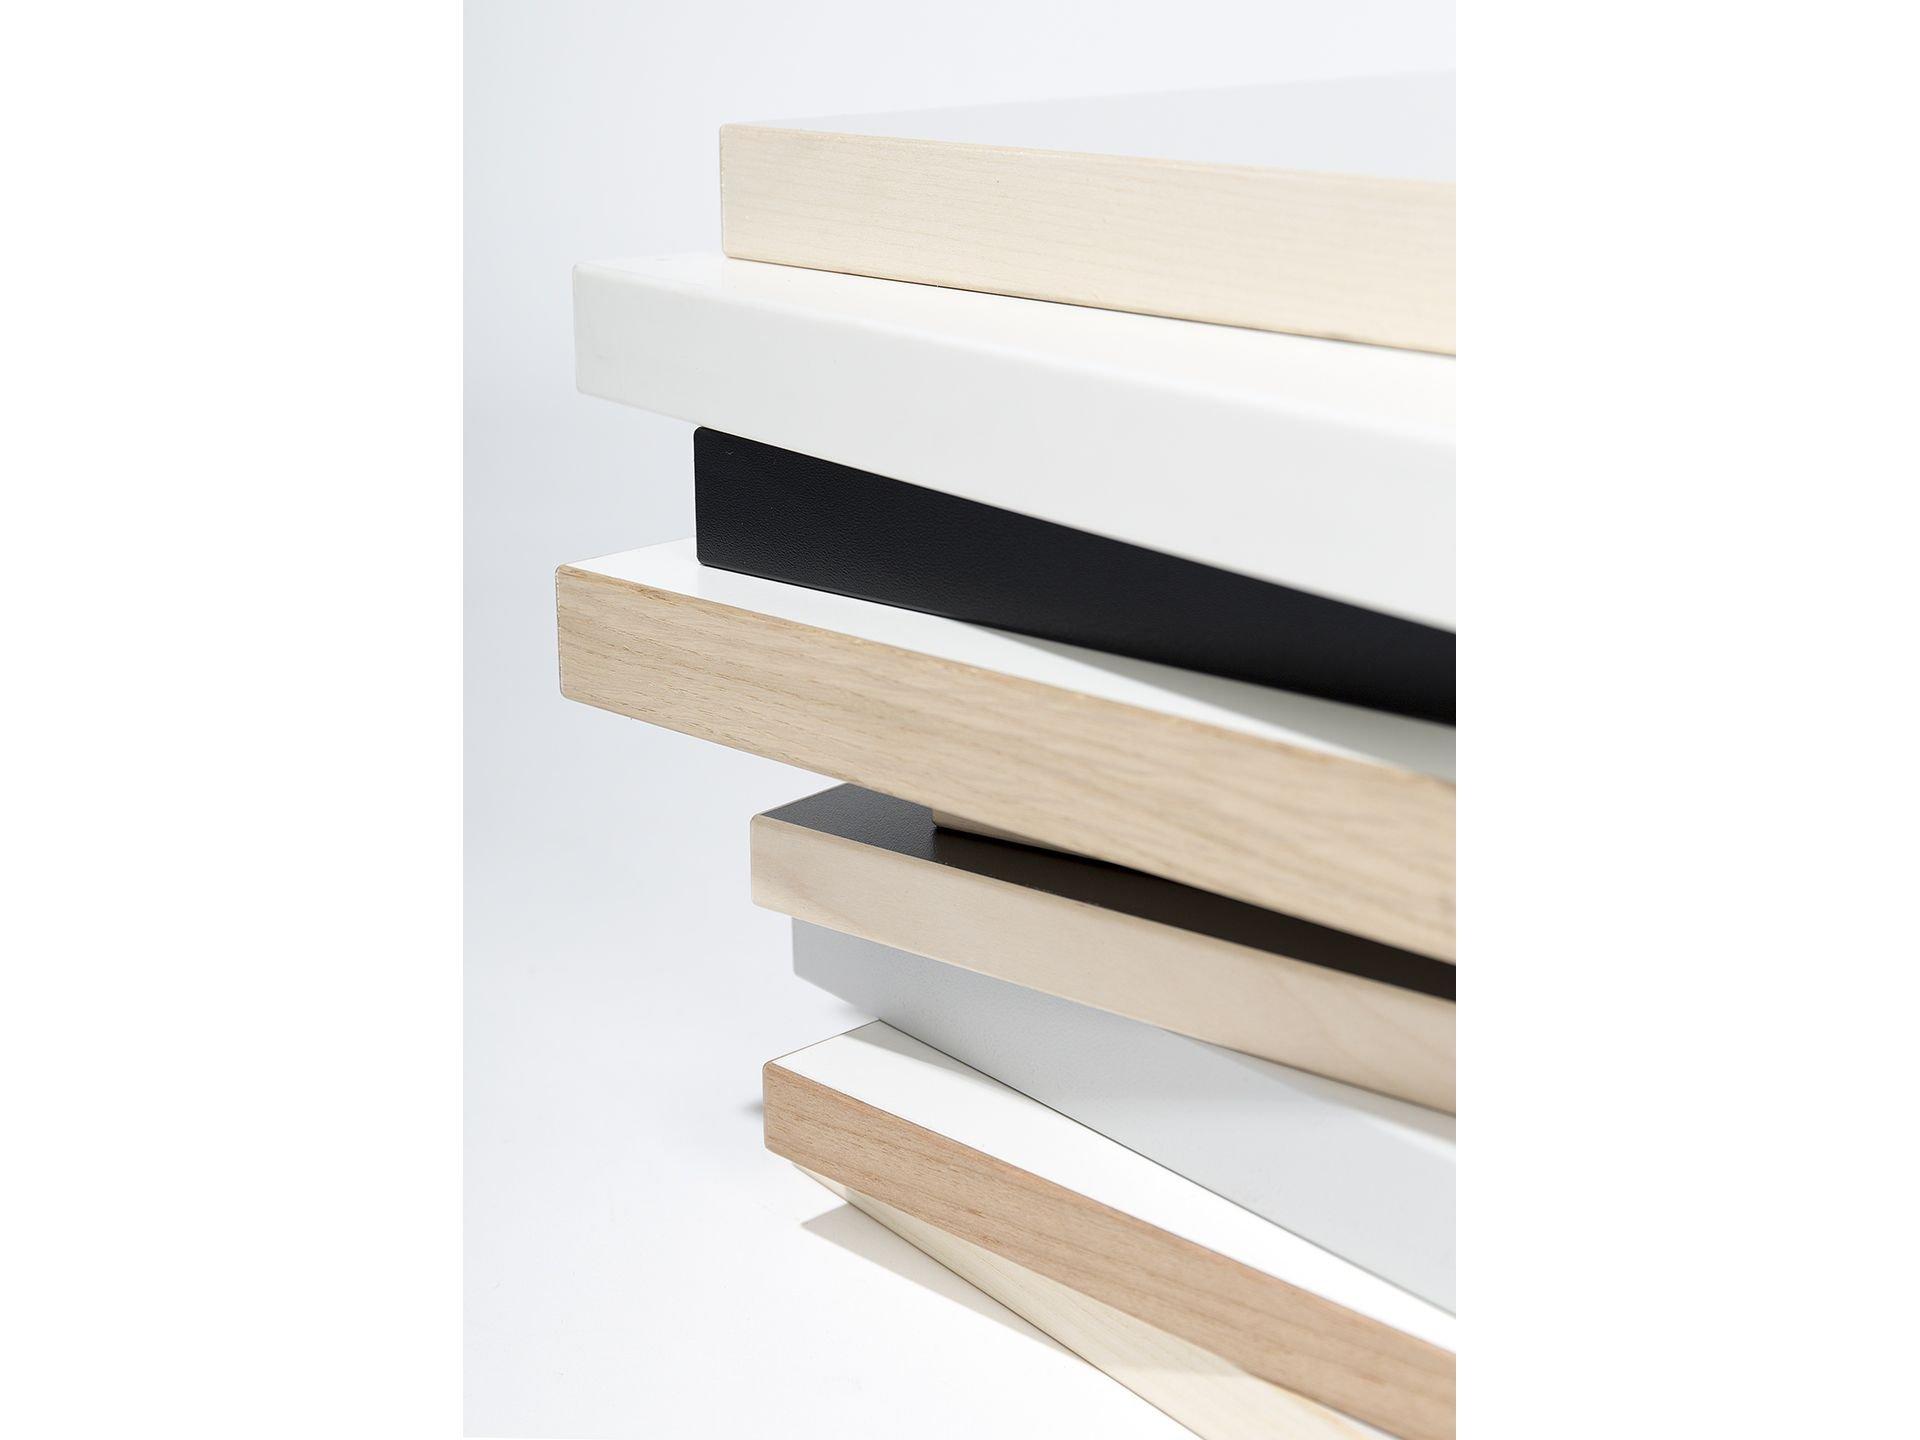 tischplatte melaminharzbeschichtet im zuschnitt kaufen modulor. Black Bedroom Furniture Sets. Home Design Ideas